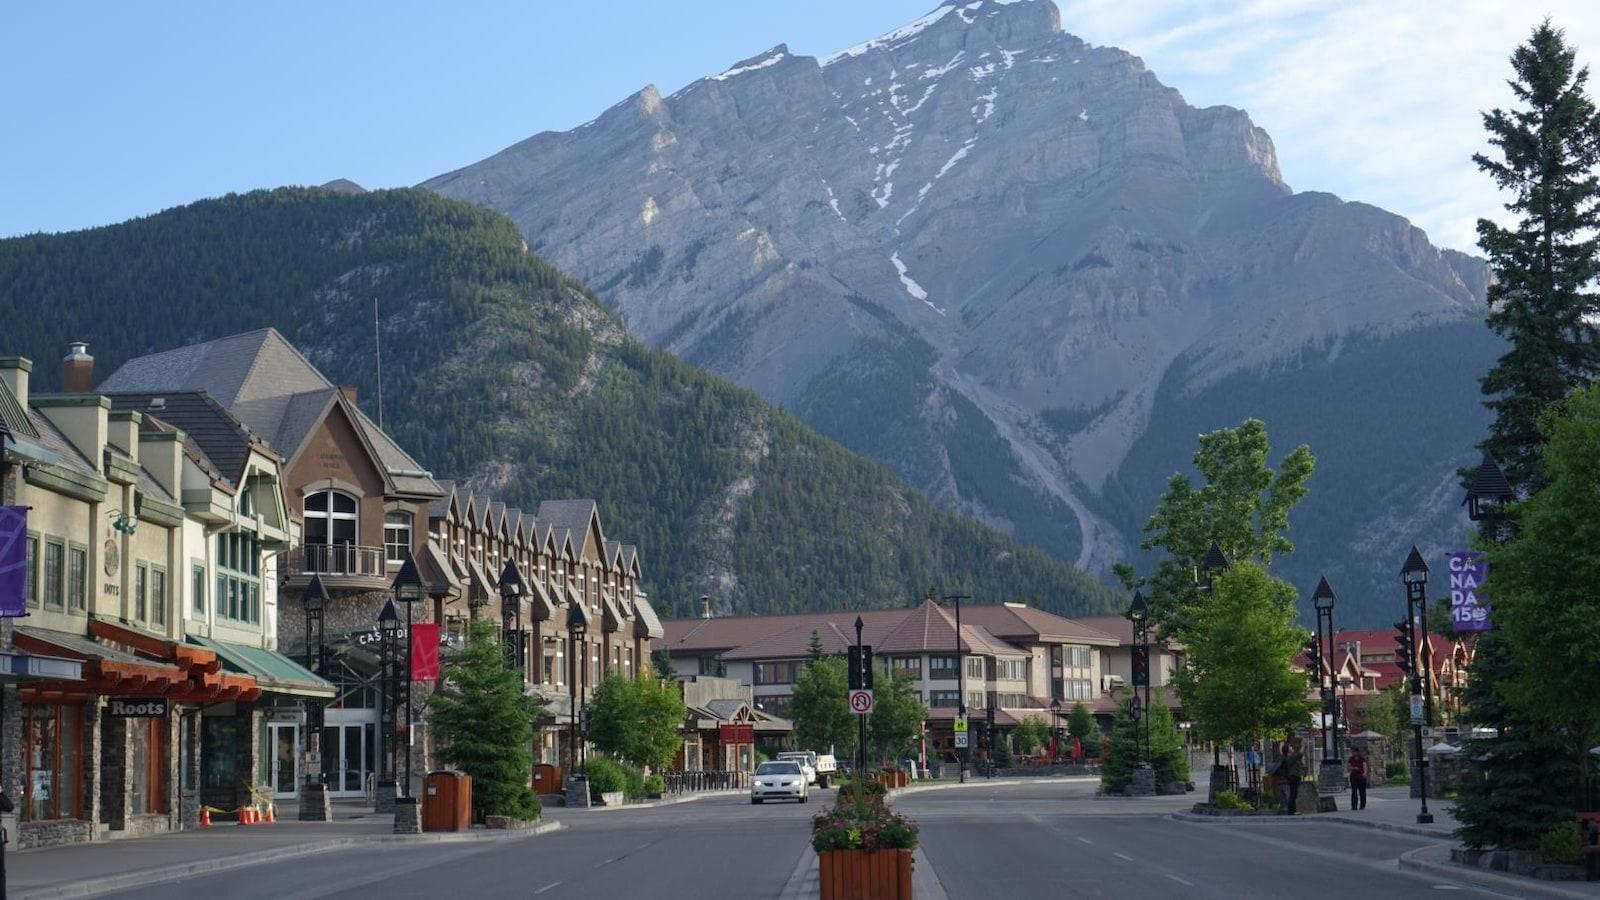 Vue sur une rue à Banff où l'on voit les Rocheuses.